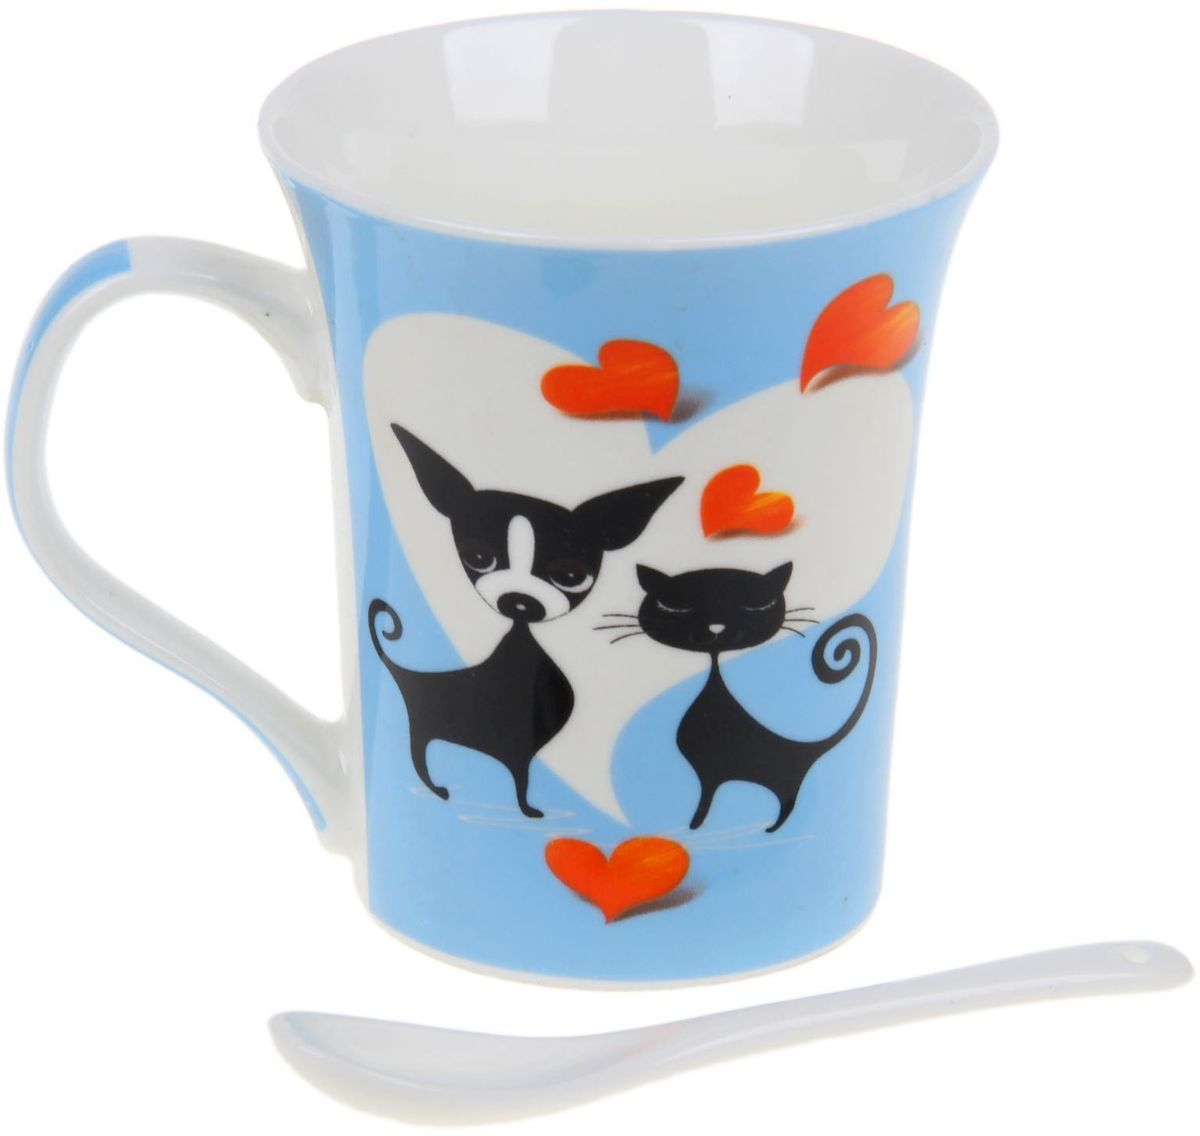 Кружка Доляна Кот и пес, с ложкой, цвет: голубой, 300 мл кружка доляна радуга цвет желтый белый 300 мл